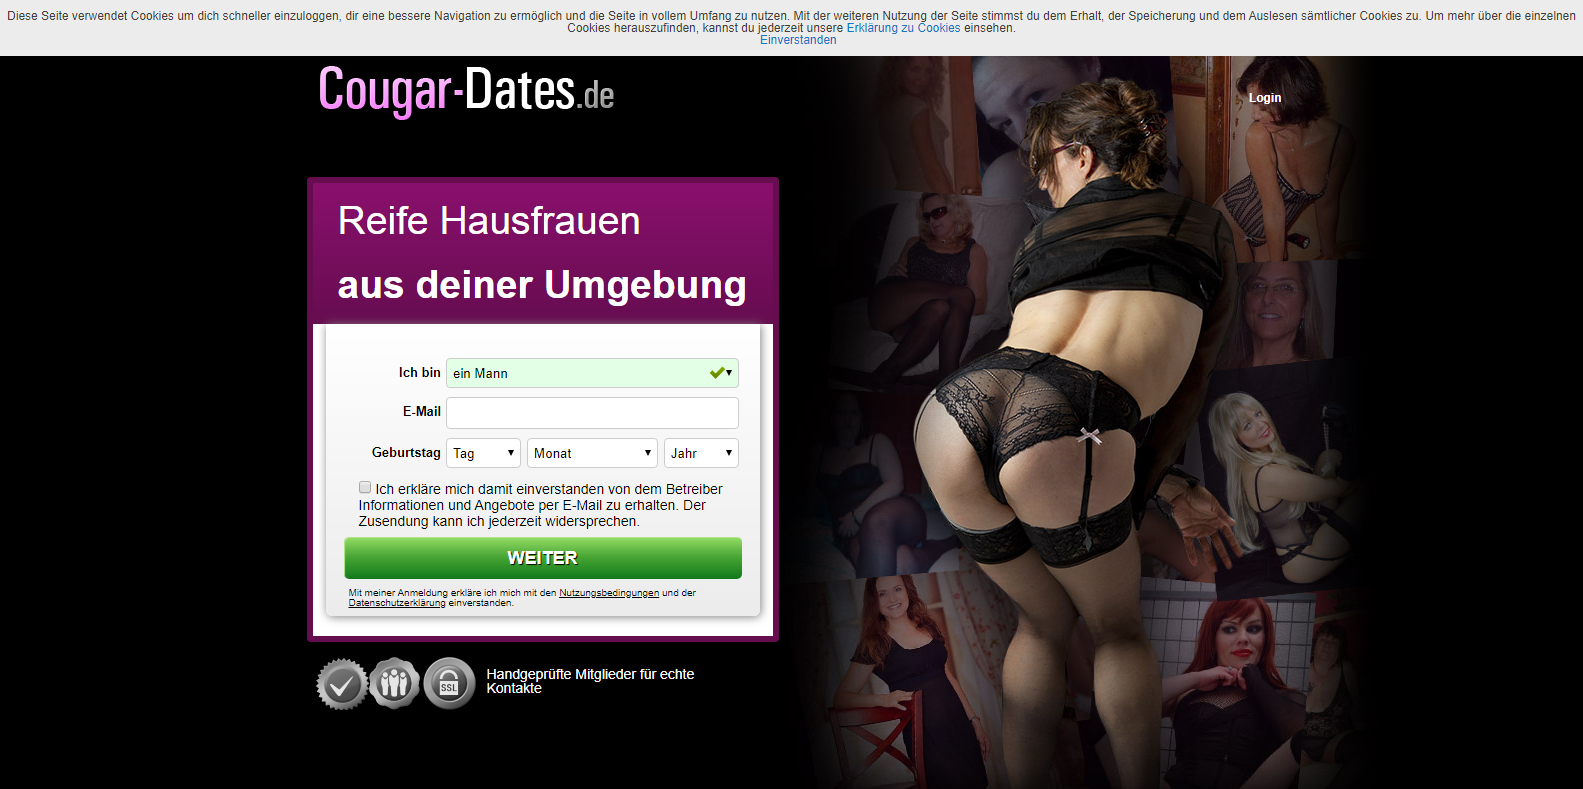 Anmeldung bei Cougar-Dates.de